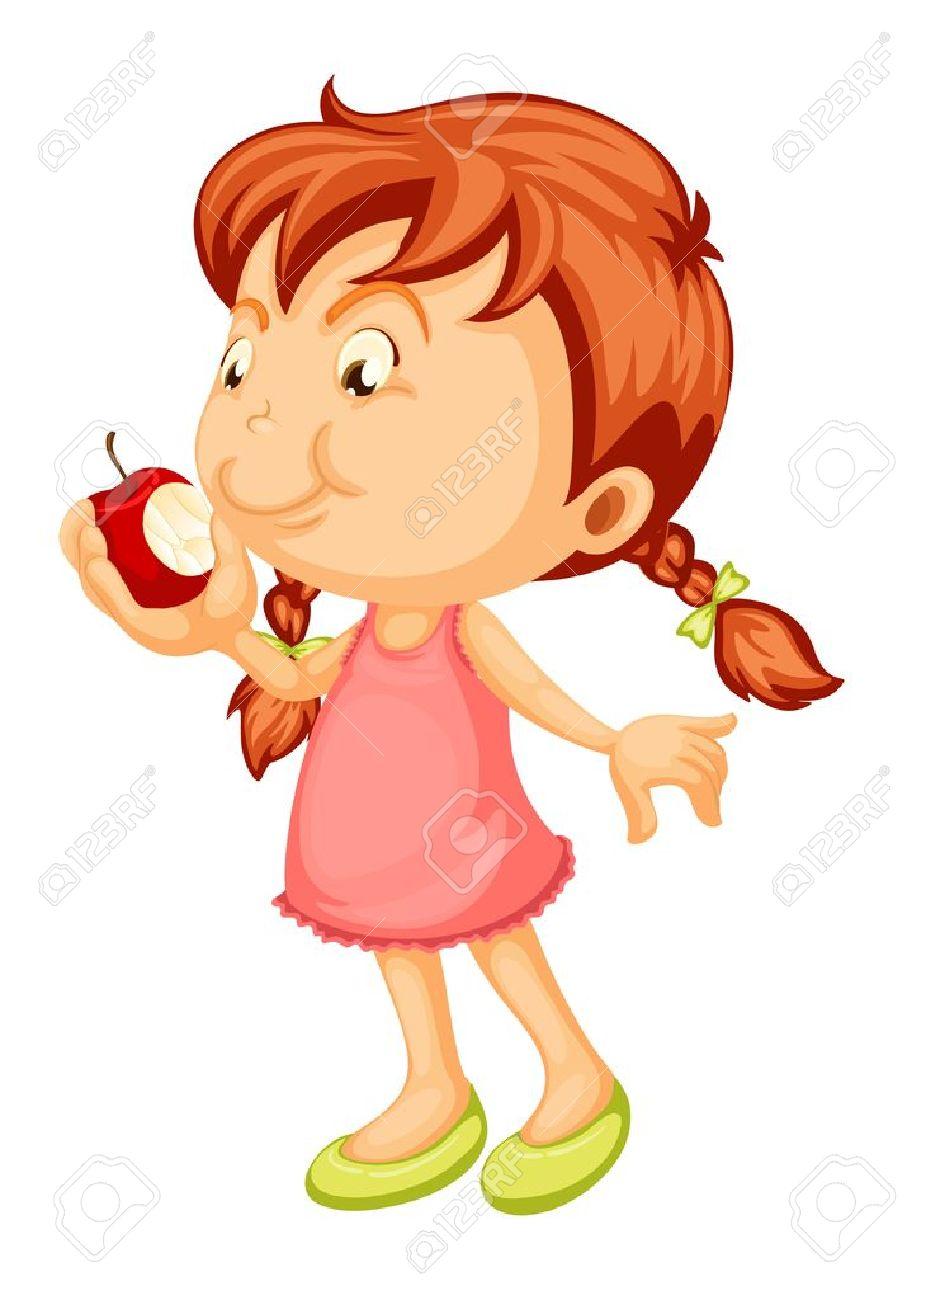 白い背景の上にアップルをかむ女の子のイラスト ロイヤリティフリー